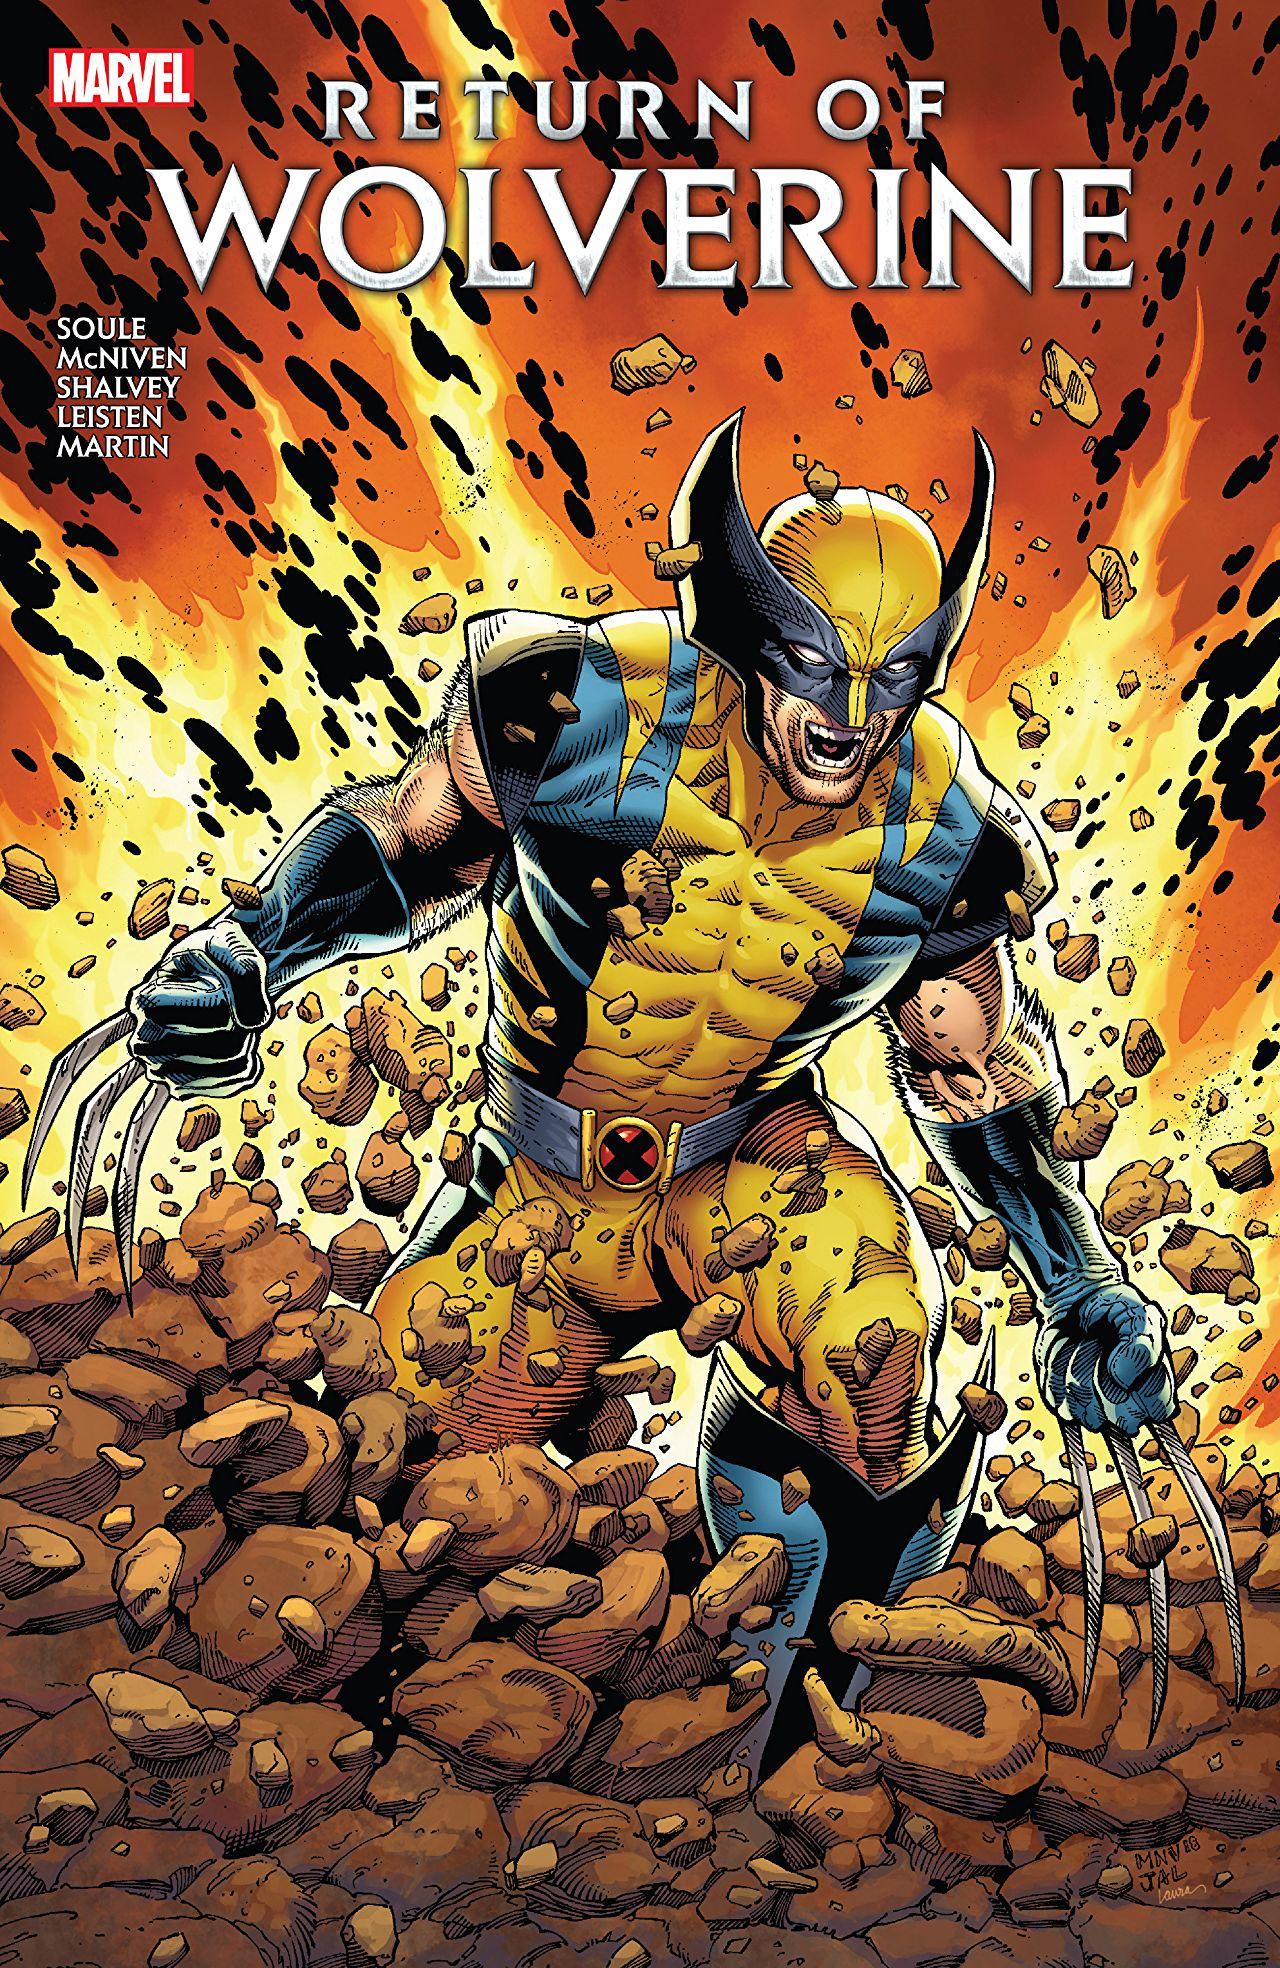 Wolverine - Le retour de Wolverine 1 - Intégral